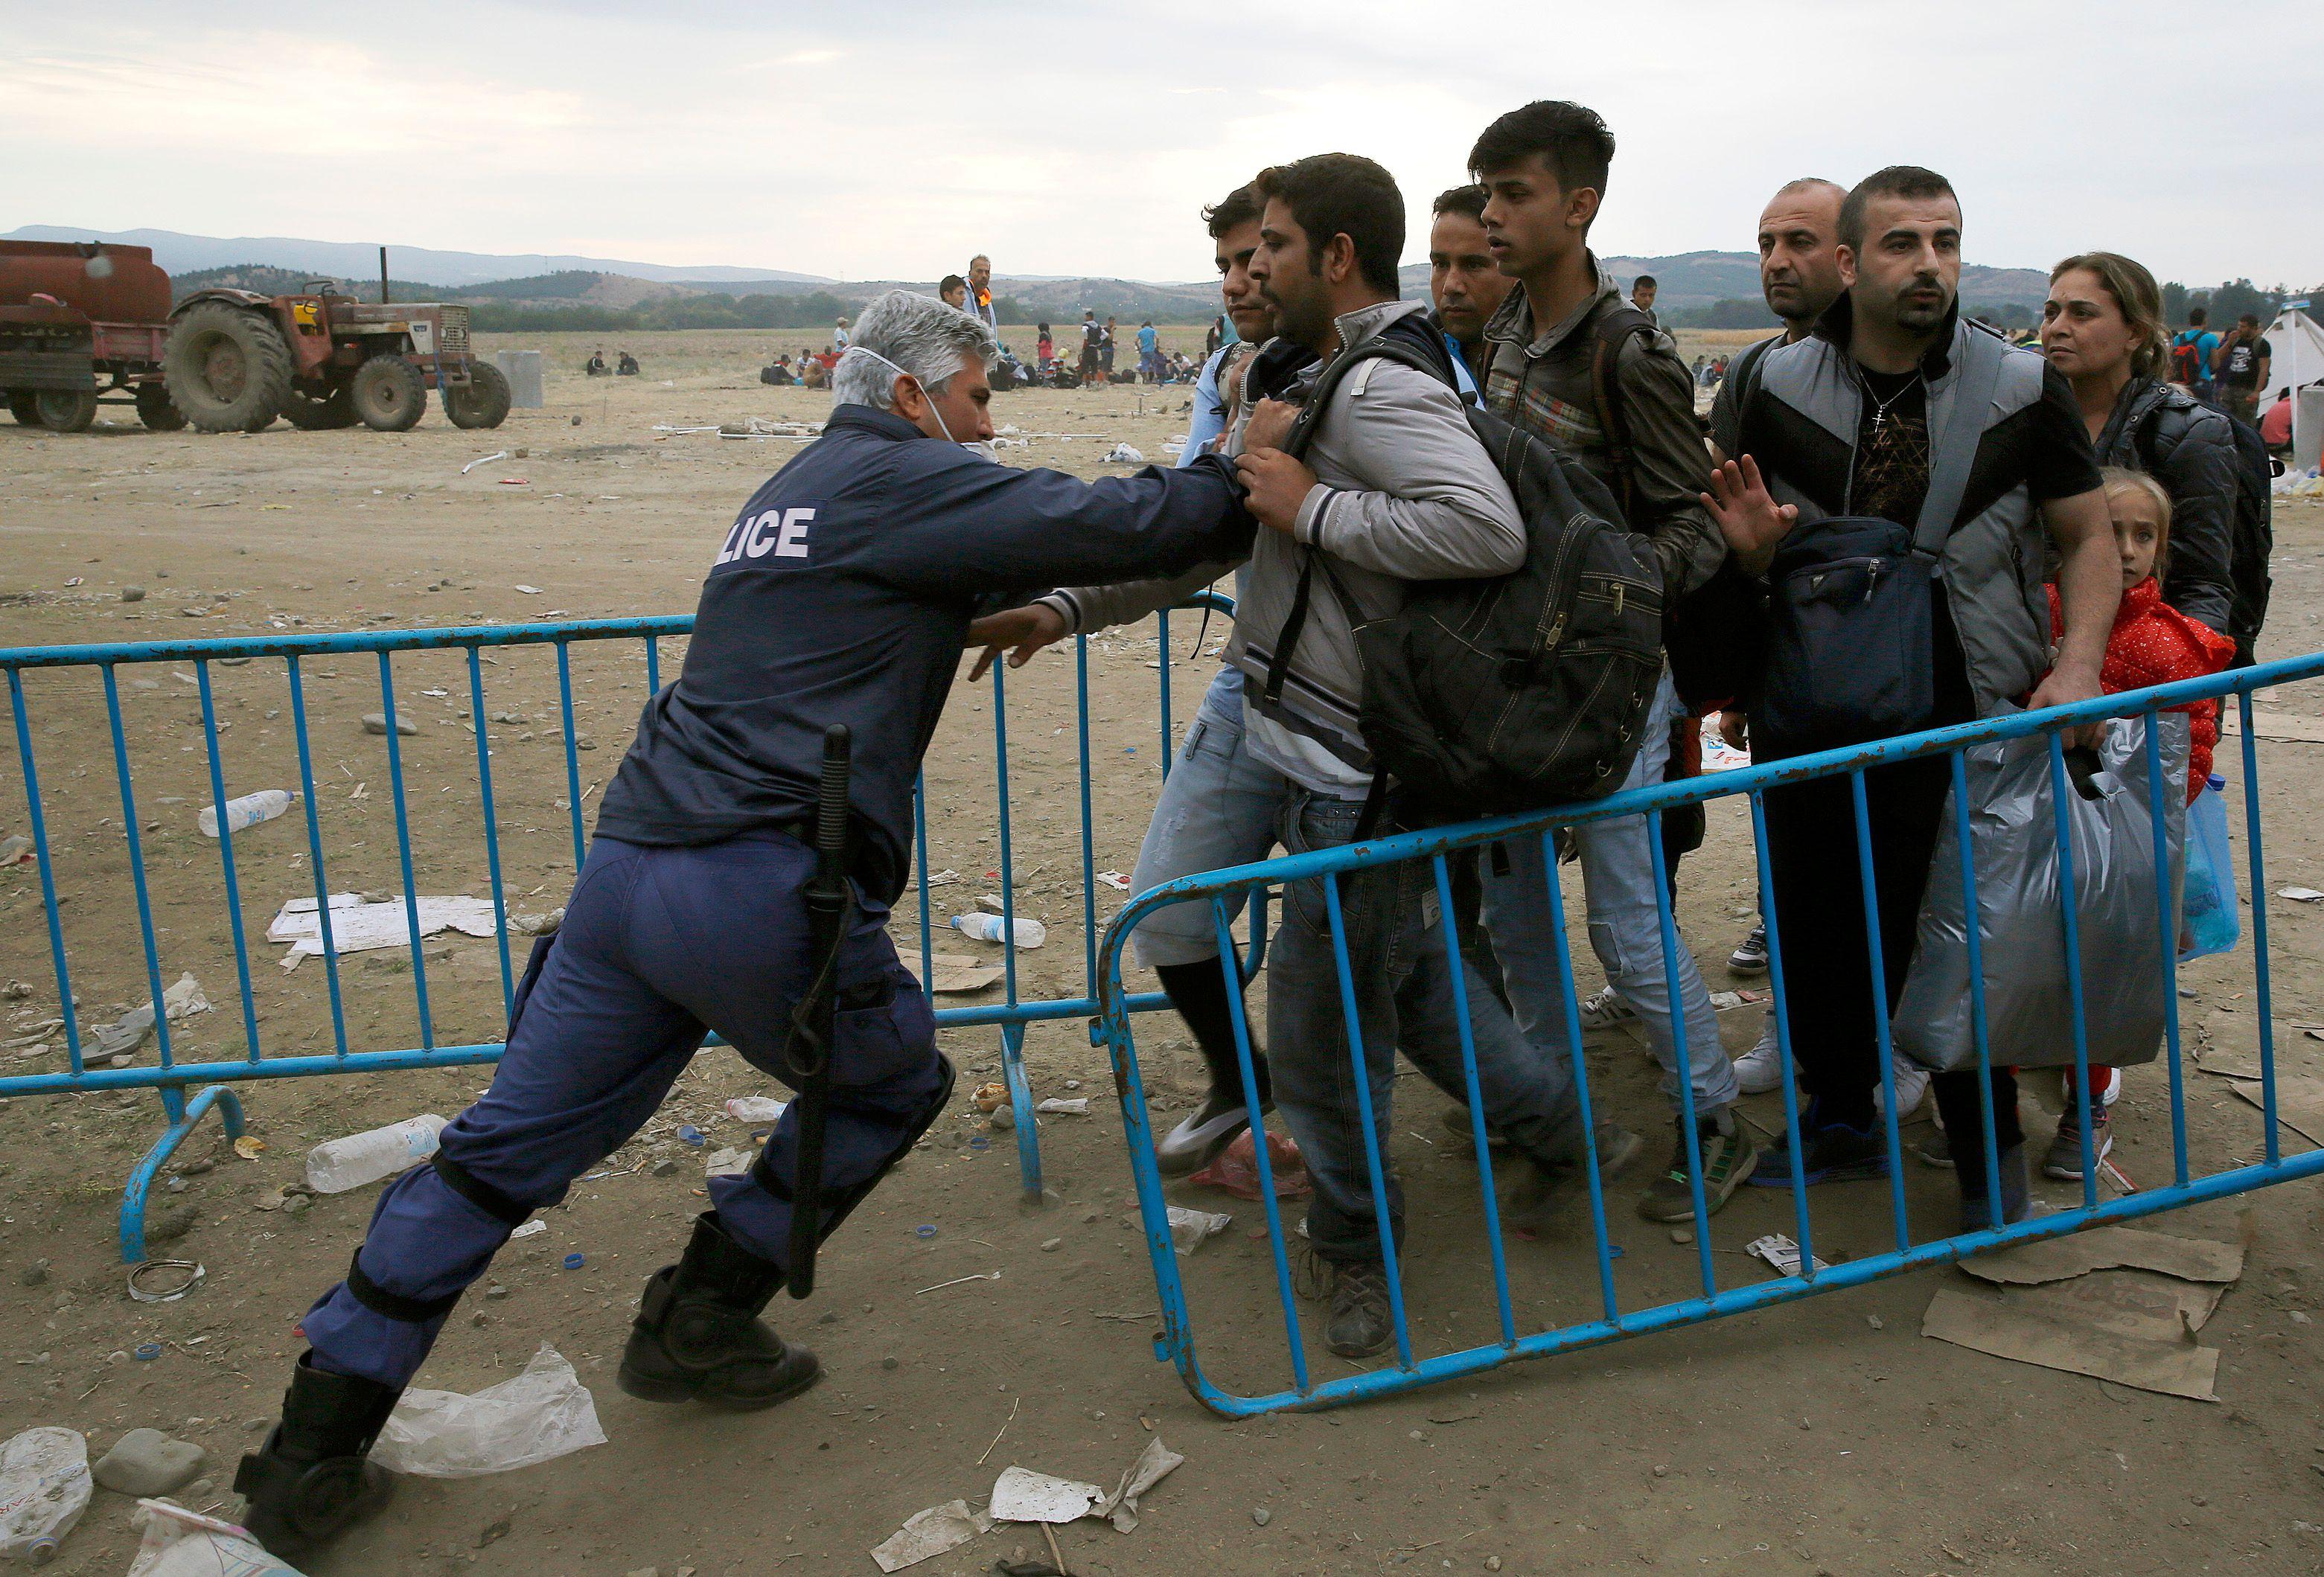 Débat sur les réfugiés à l'Assemblée: comment Hollande espère piéger la droite